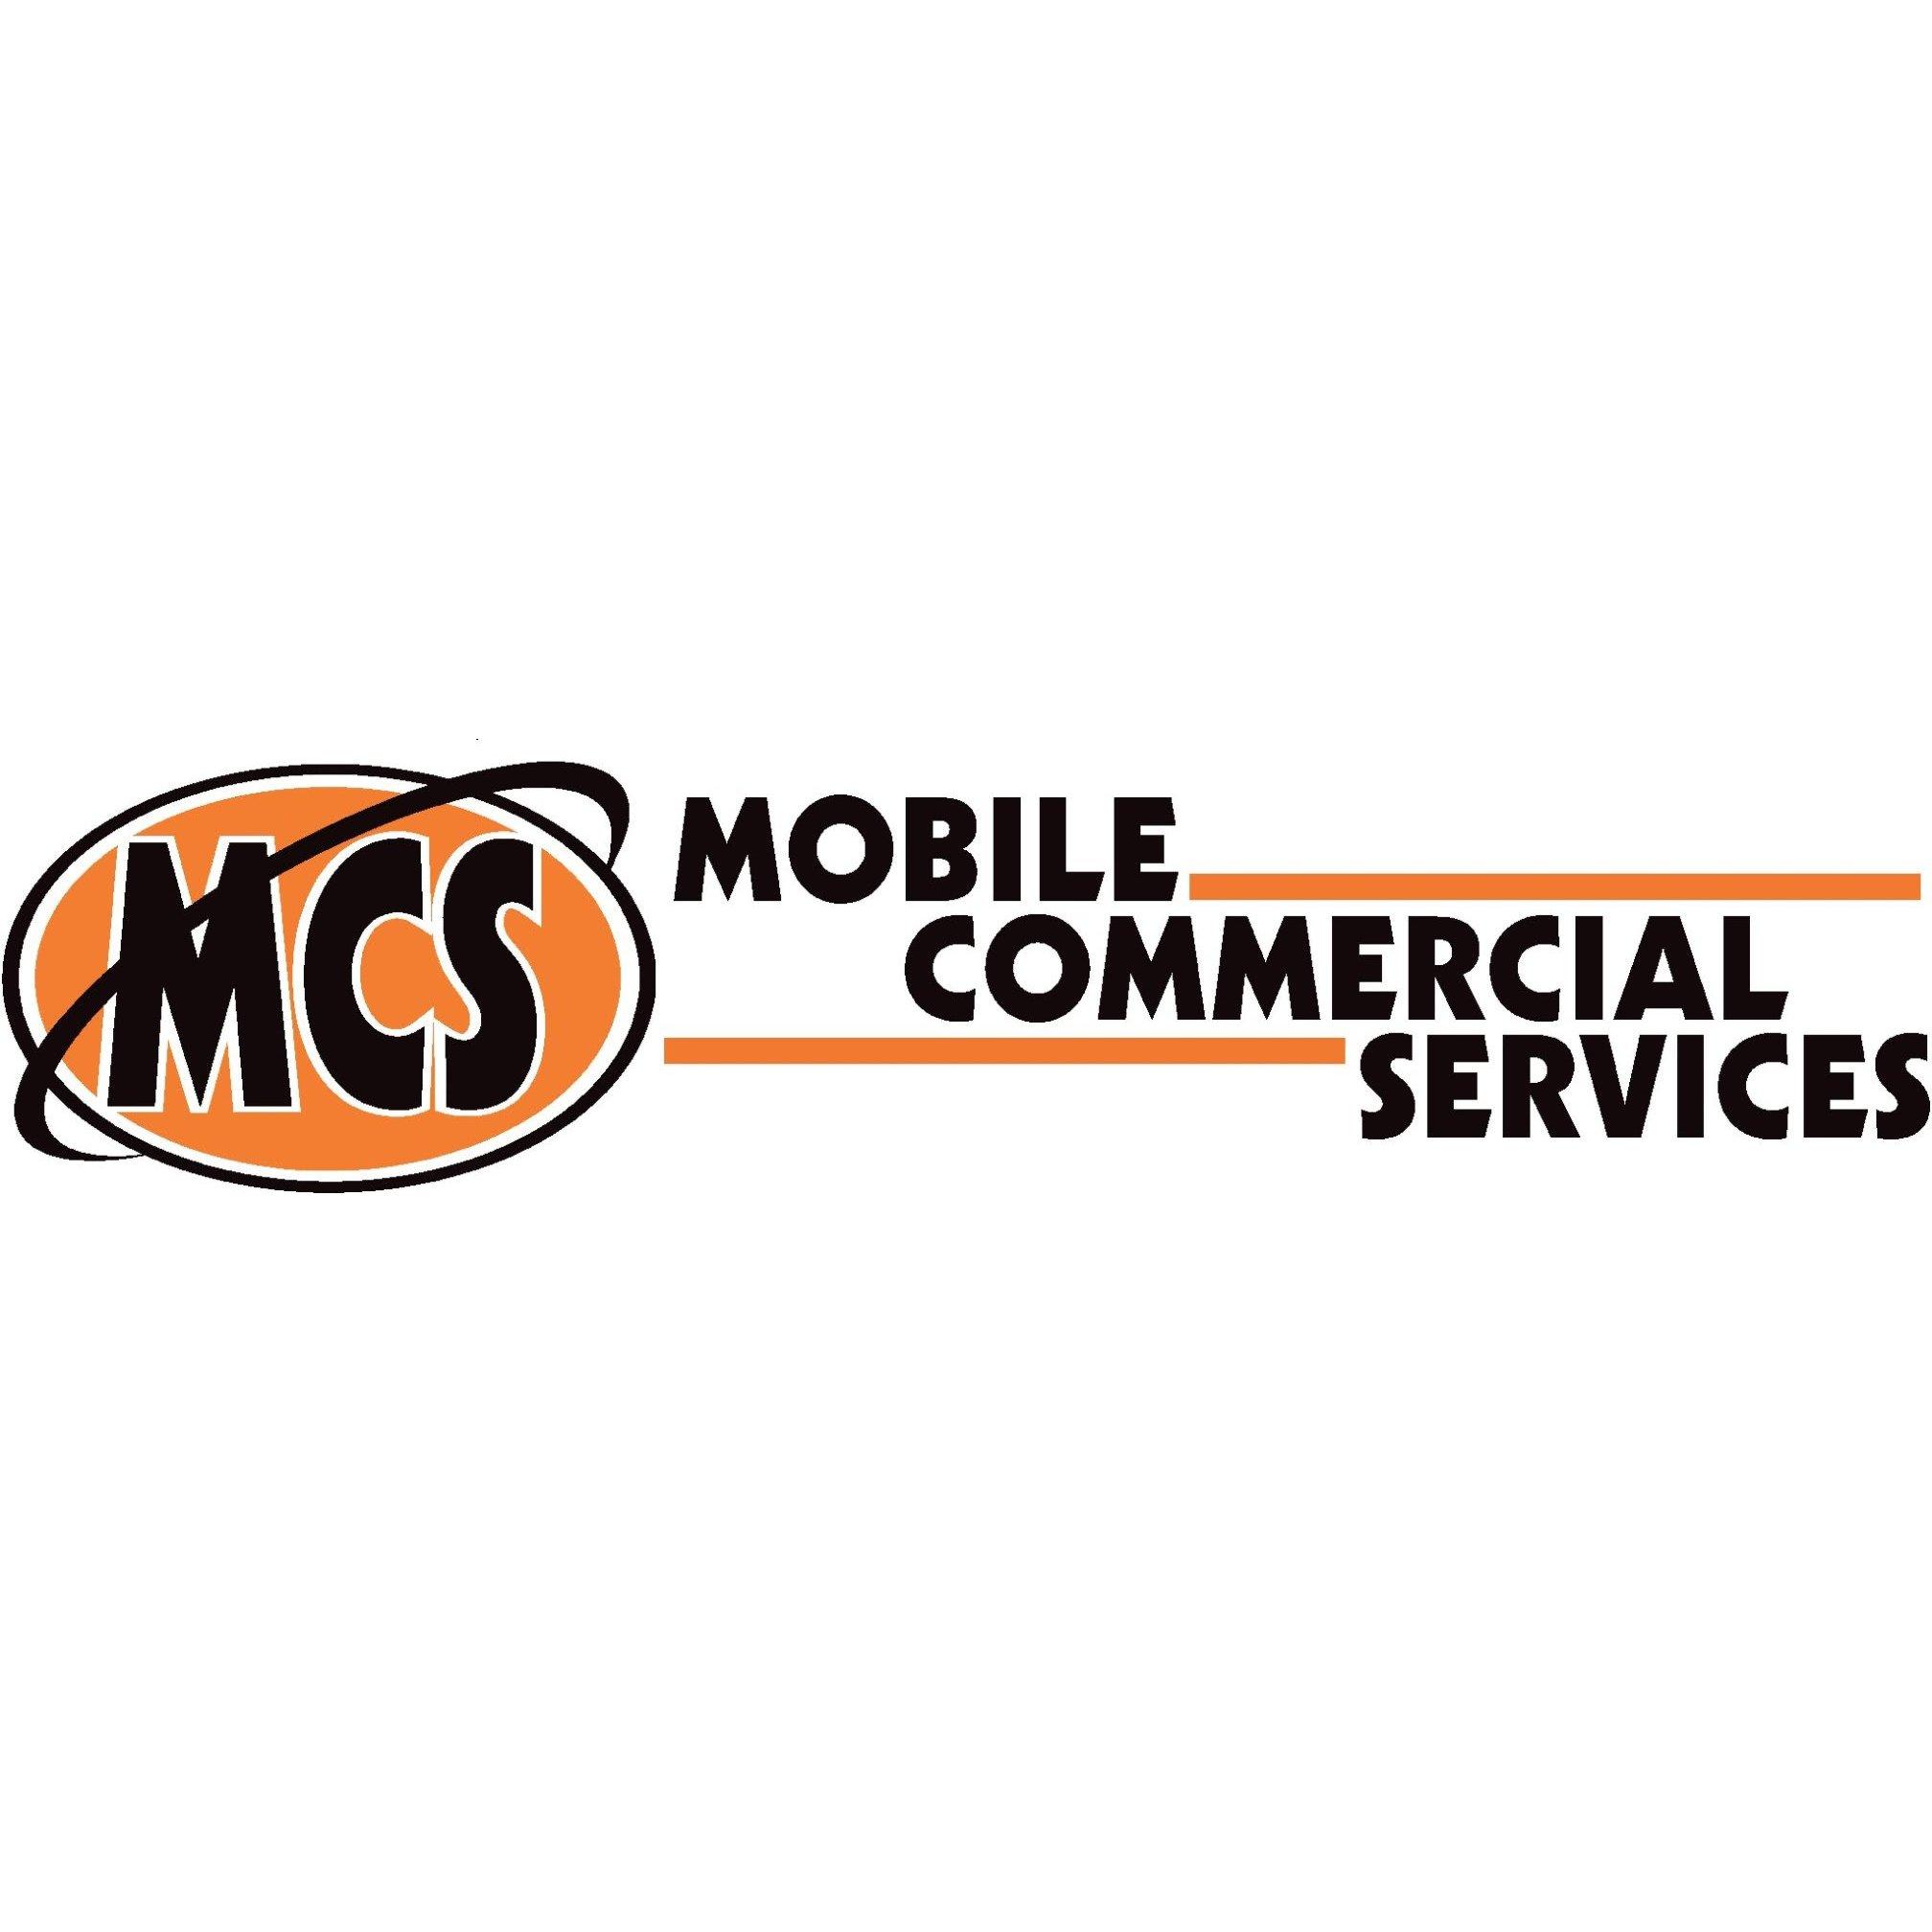 Mobile Commercial Services - St. Neots, Cambridgeshire PE19 8NJ - 07500 123127 | ShowMeLocal.com